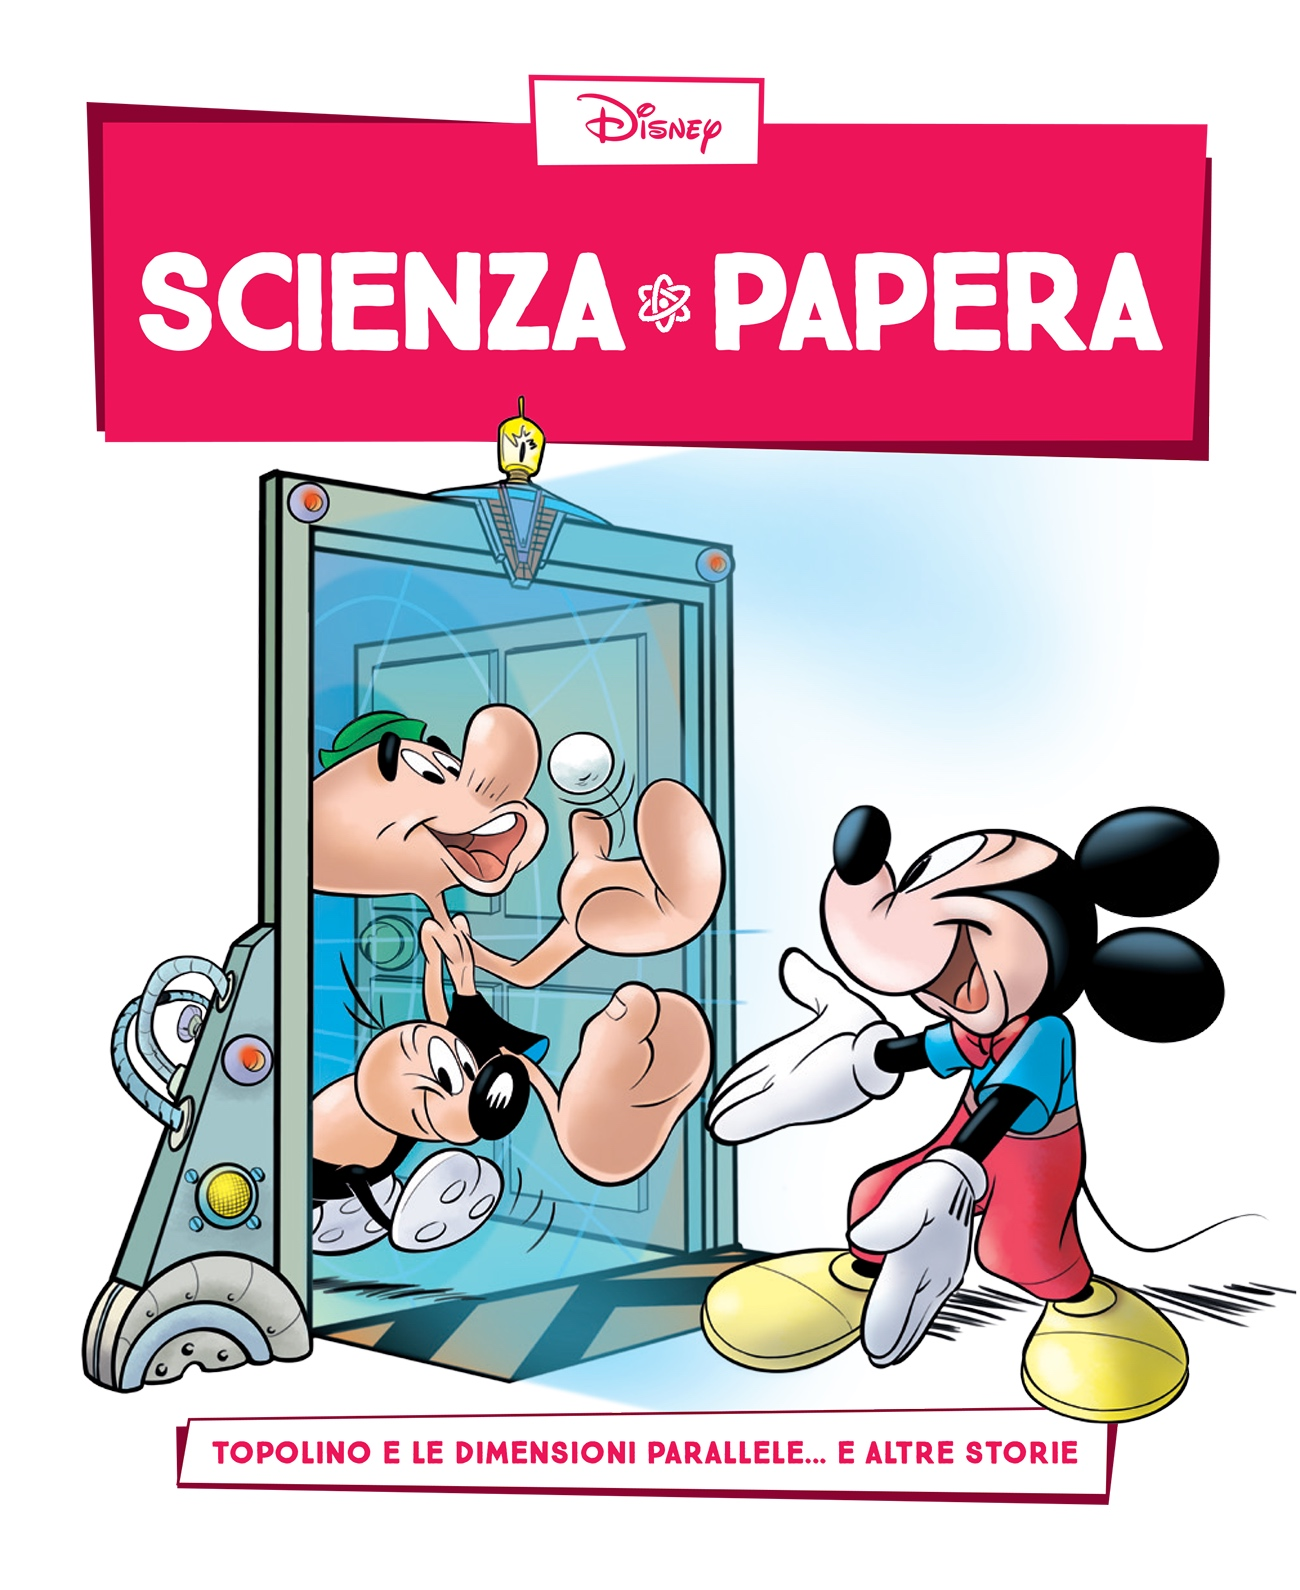 Cover Scienza Papera 10 - Dimensioni parallele e mondi alternativi